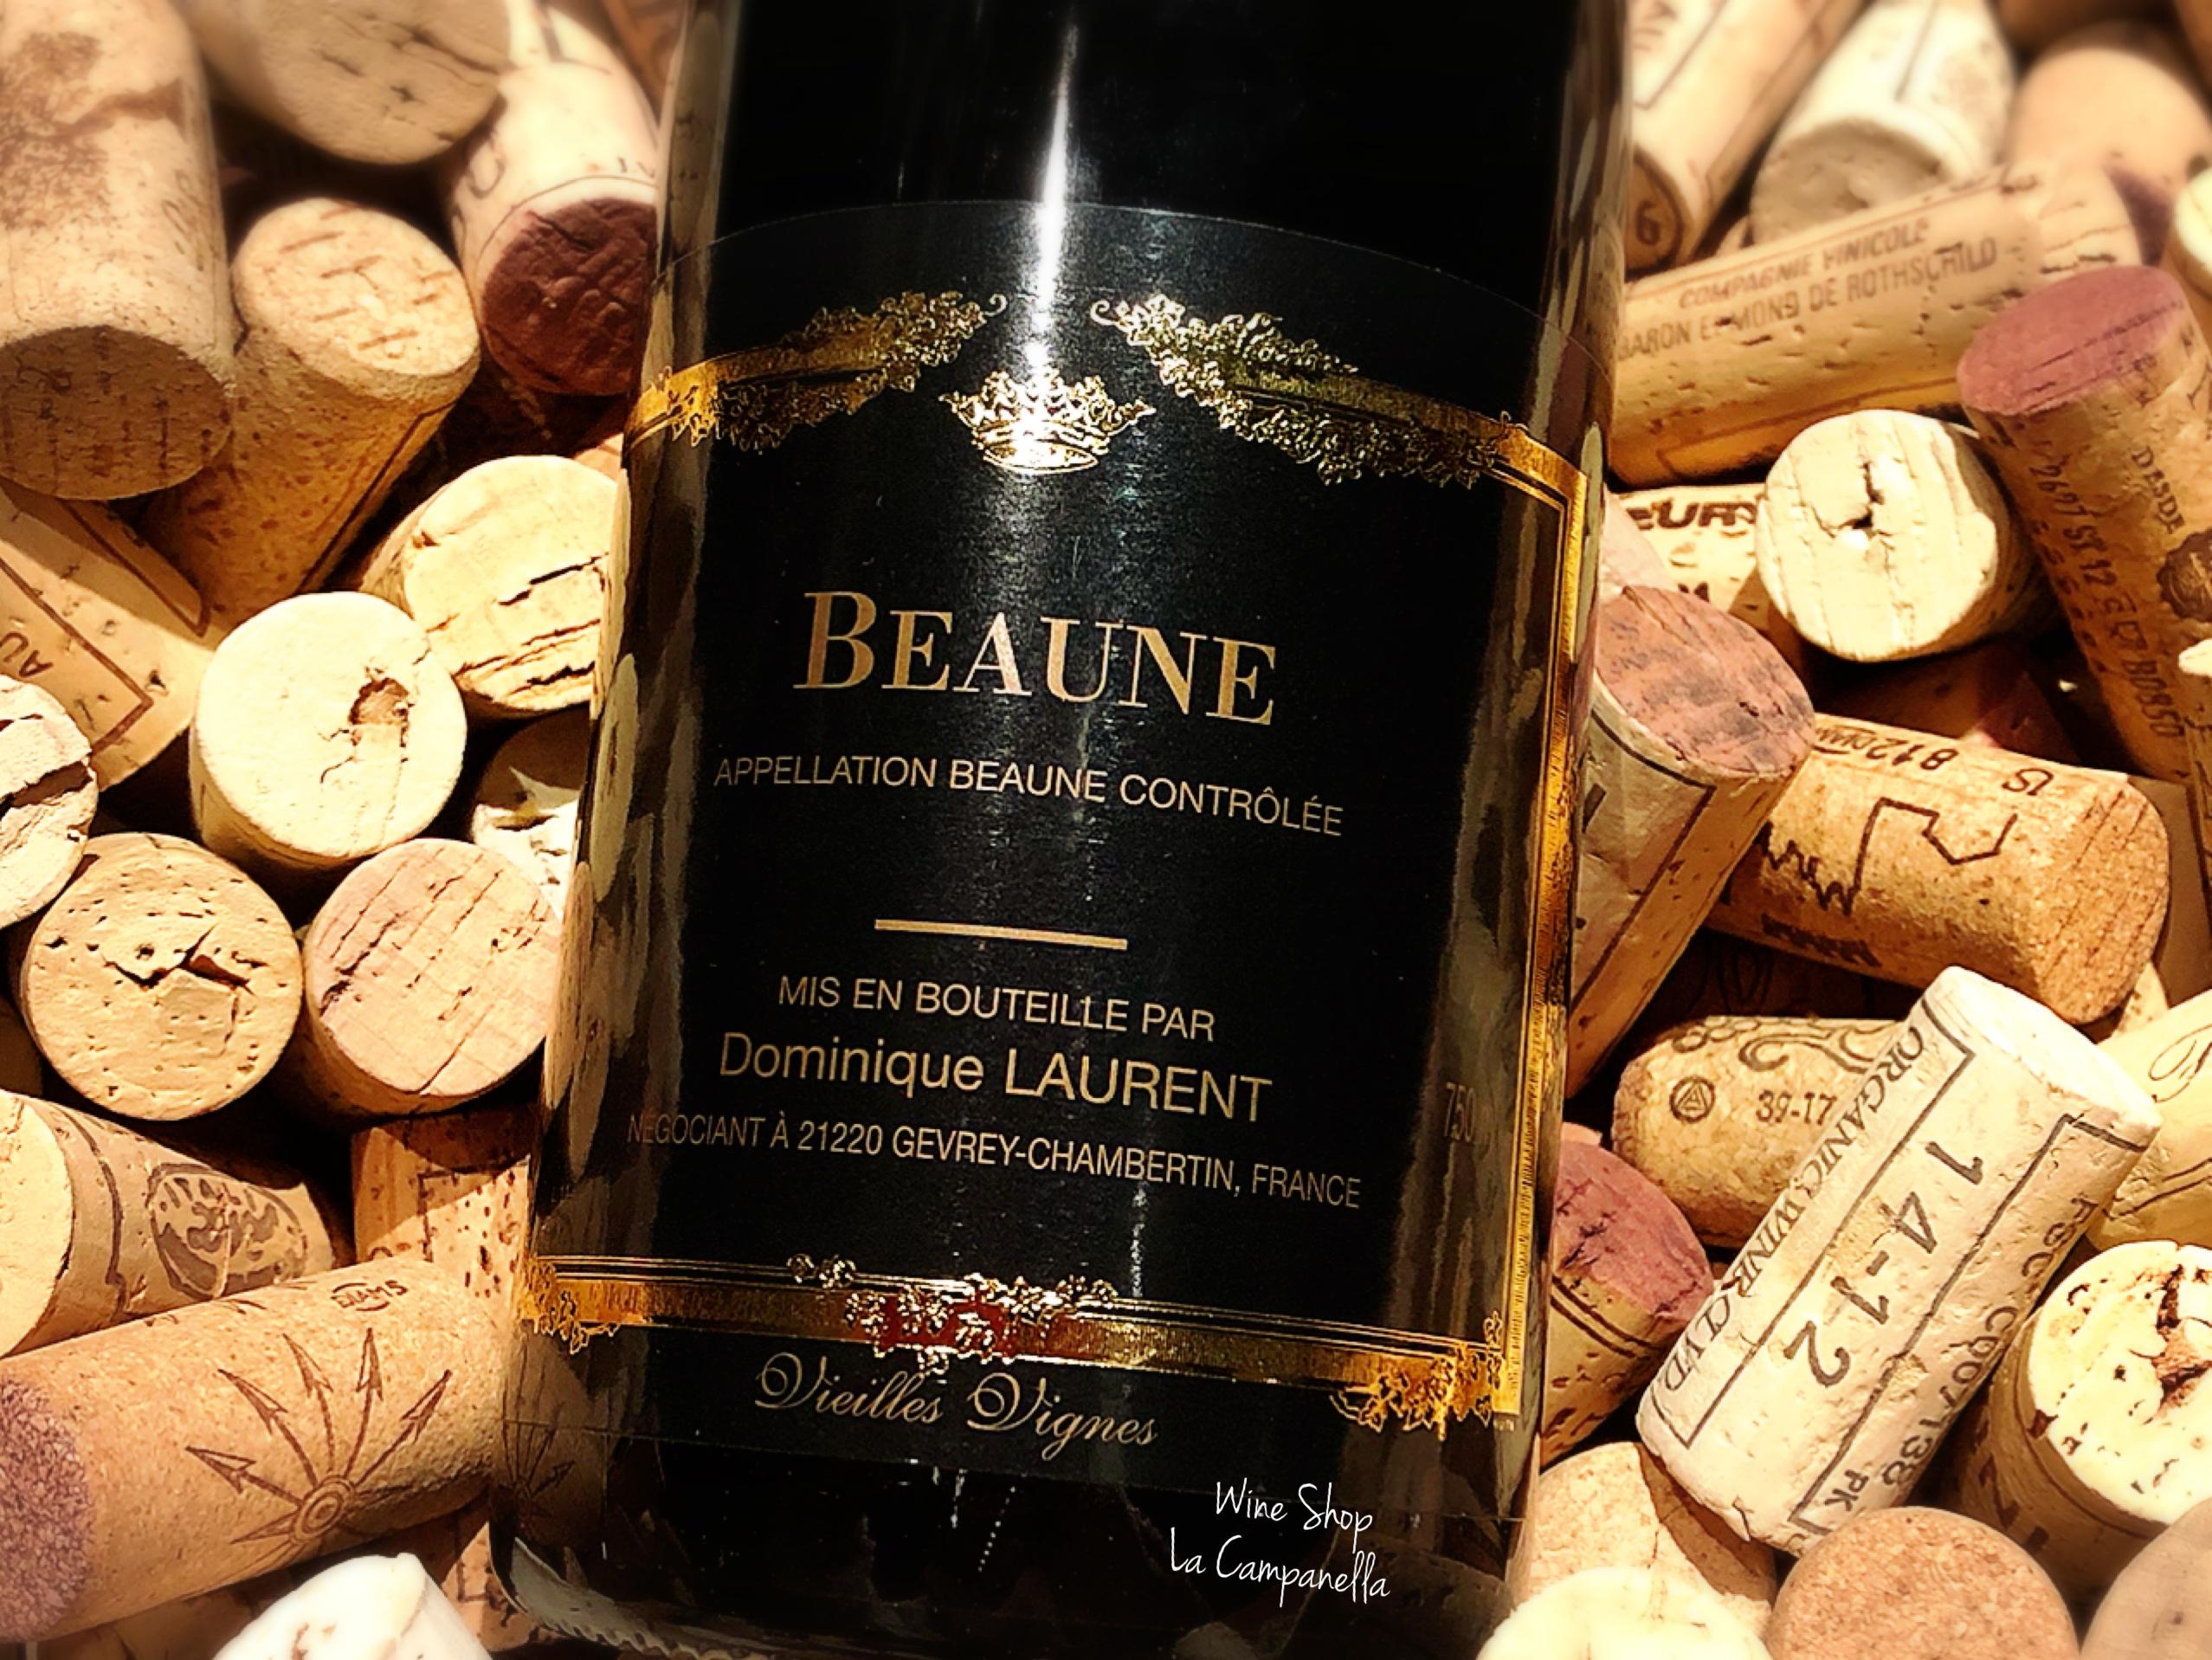 Beaune Vieille Vignes 2013 Dominique Laurent